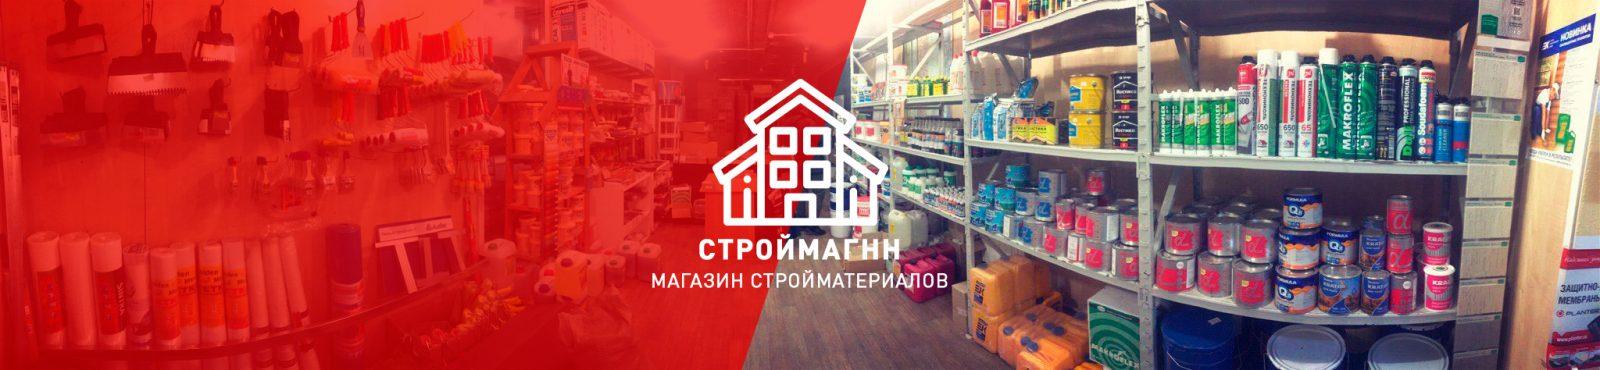 Интернет - магазин стройматериалов